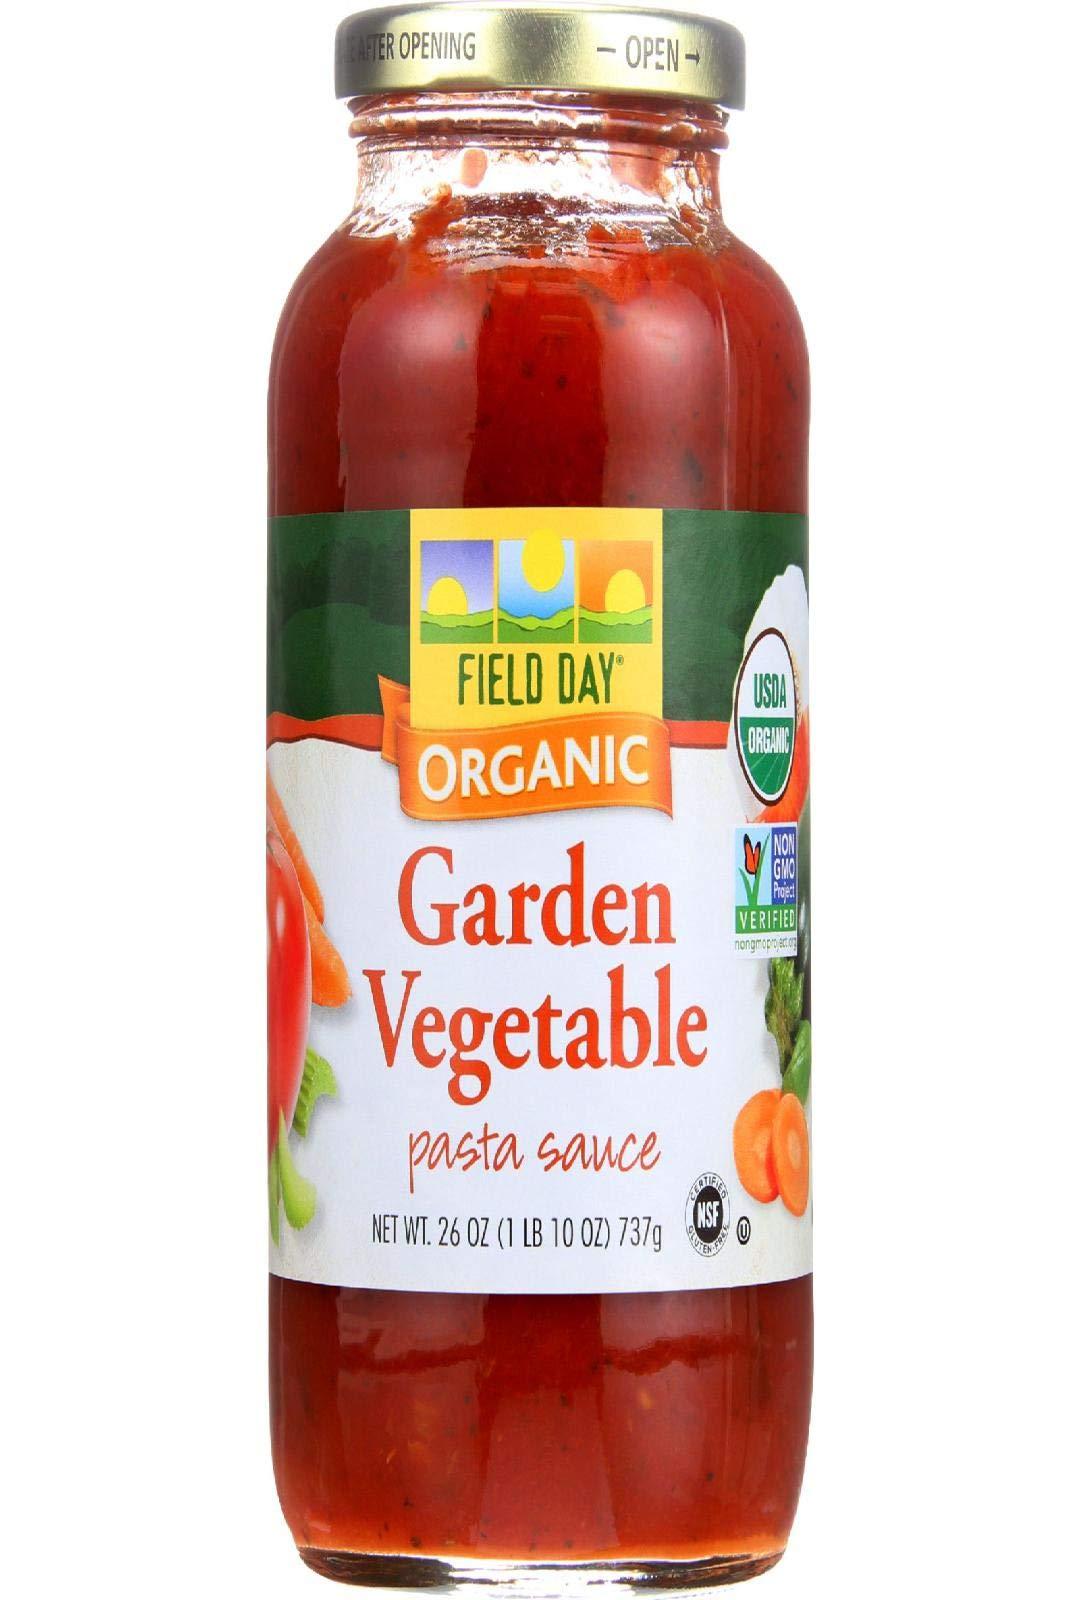 Field Day Organic Garden Vegetable Pasta Sauce, 26 Ounce - 12 per case.